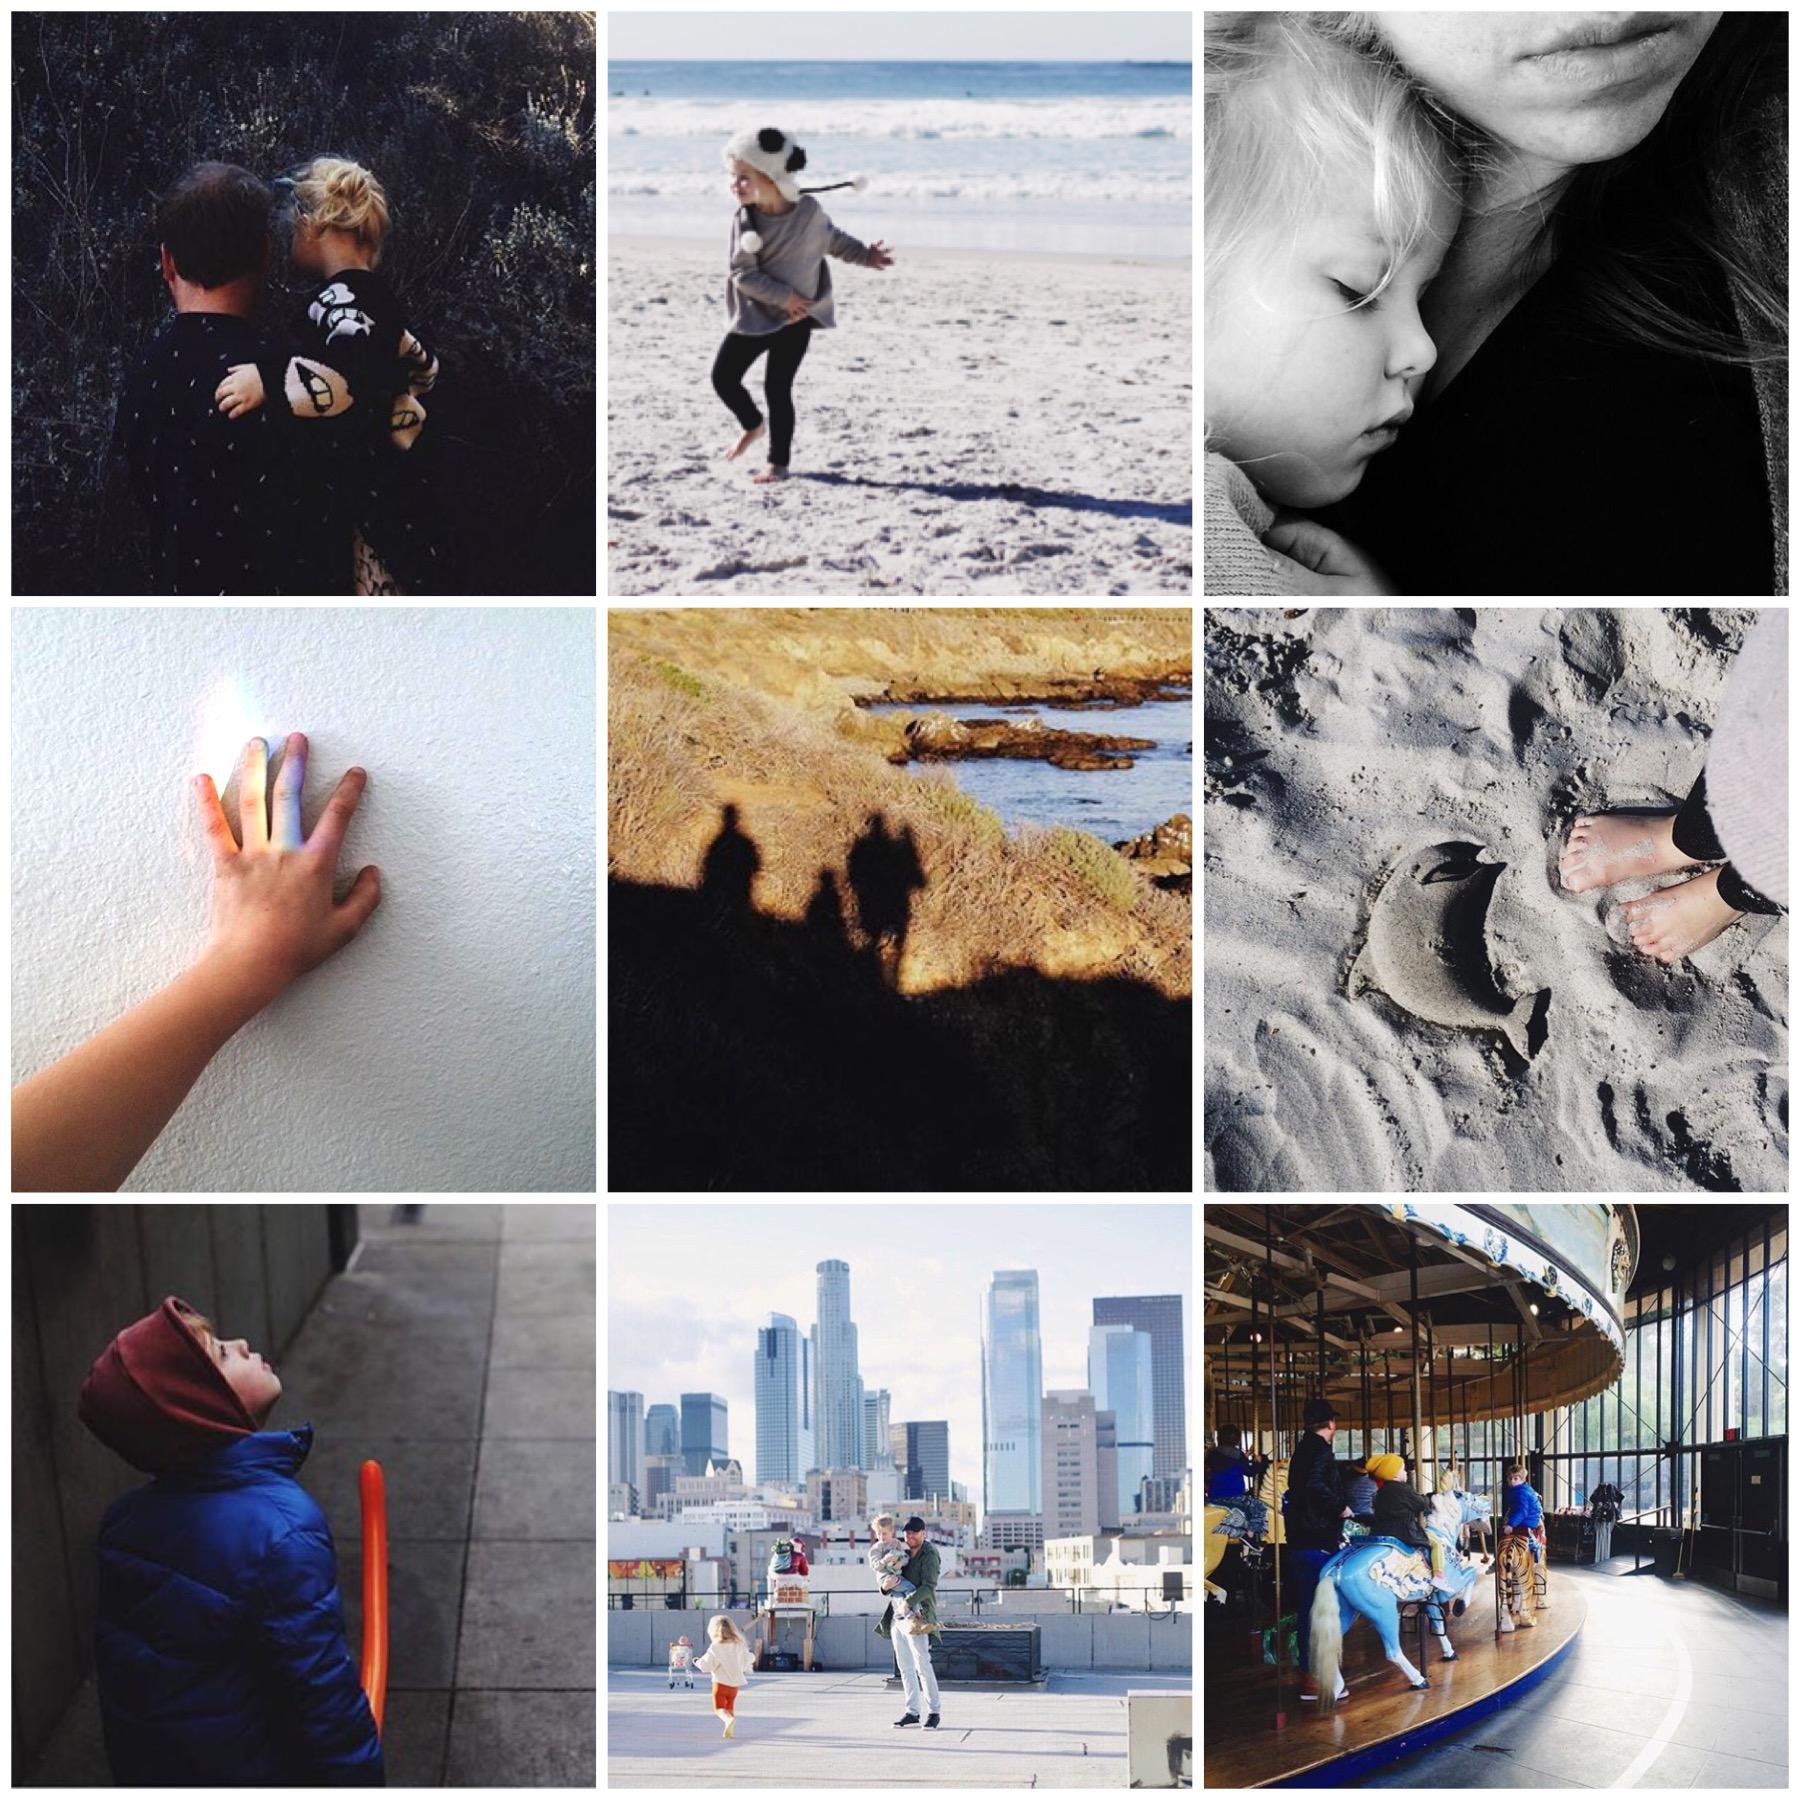 December on instagram @madebylon